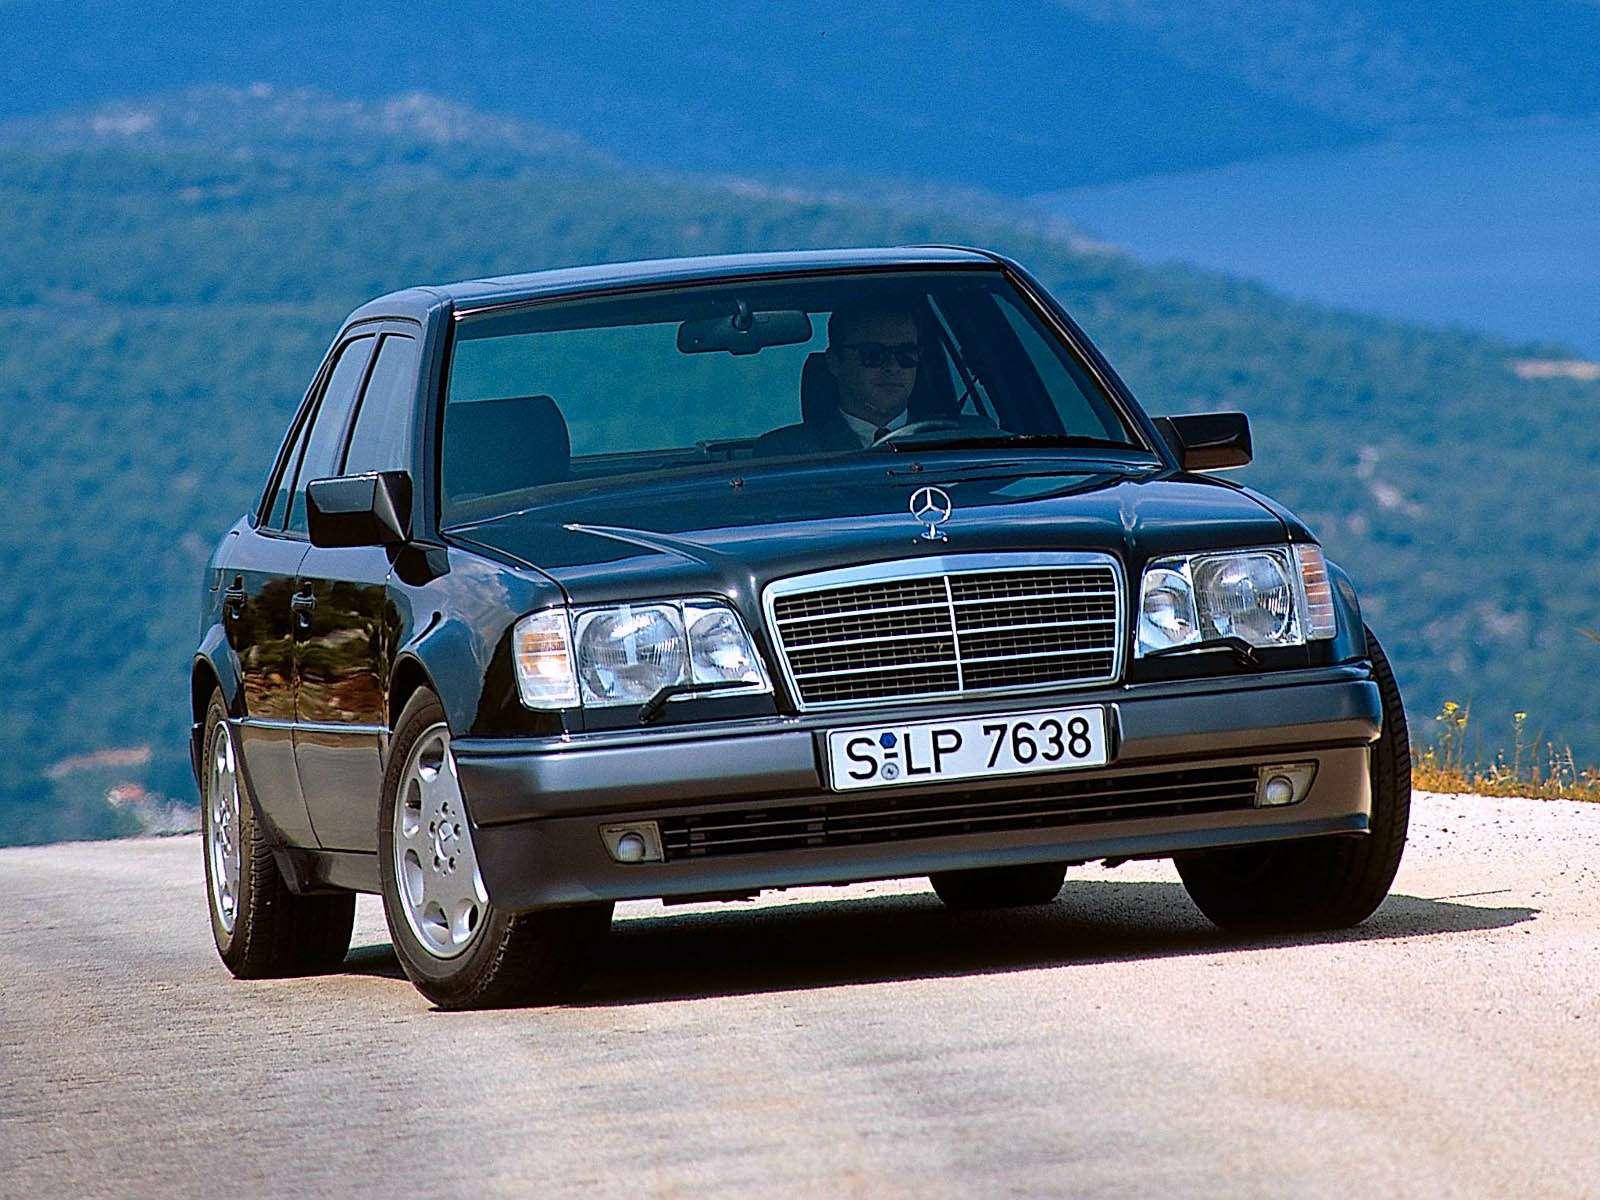 Премиальный автомобиль за200 тысяч рублей: респект изпрошлого— фото 611055